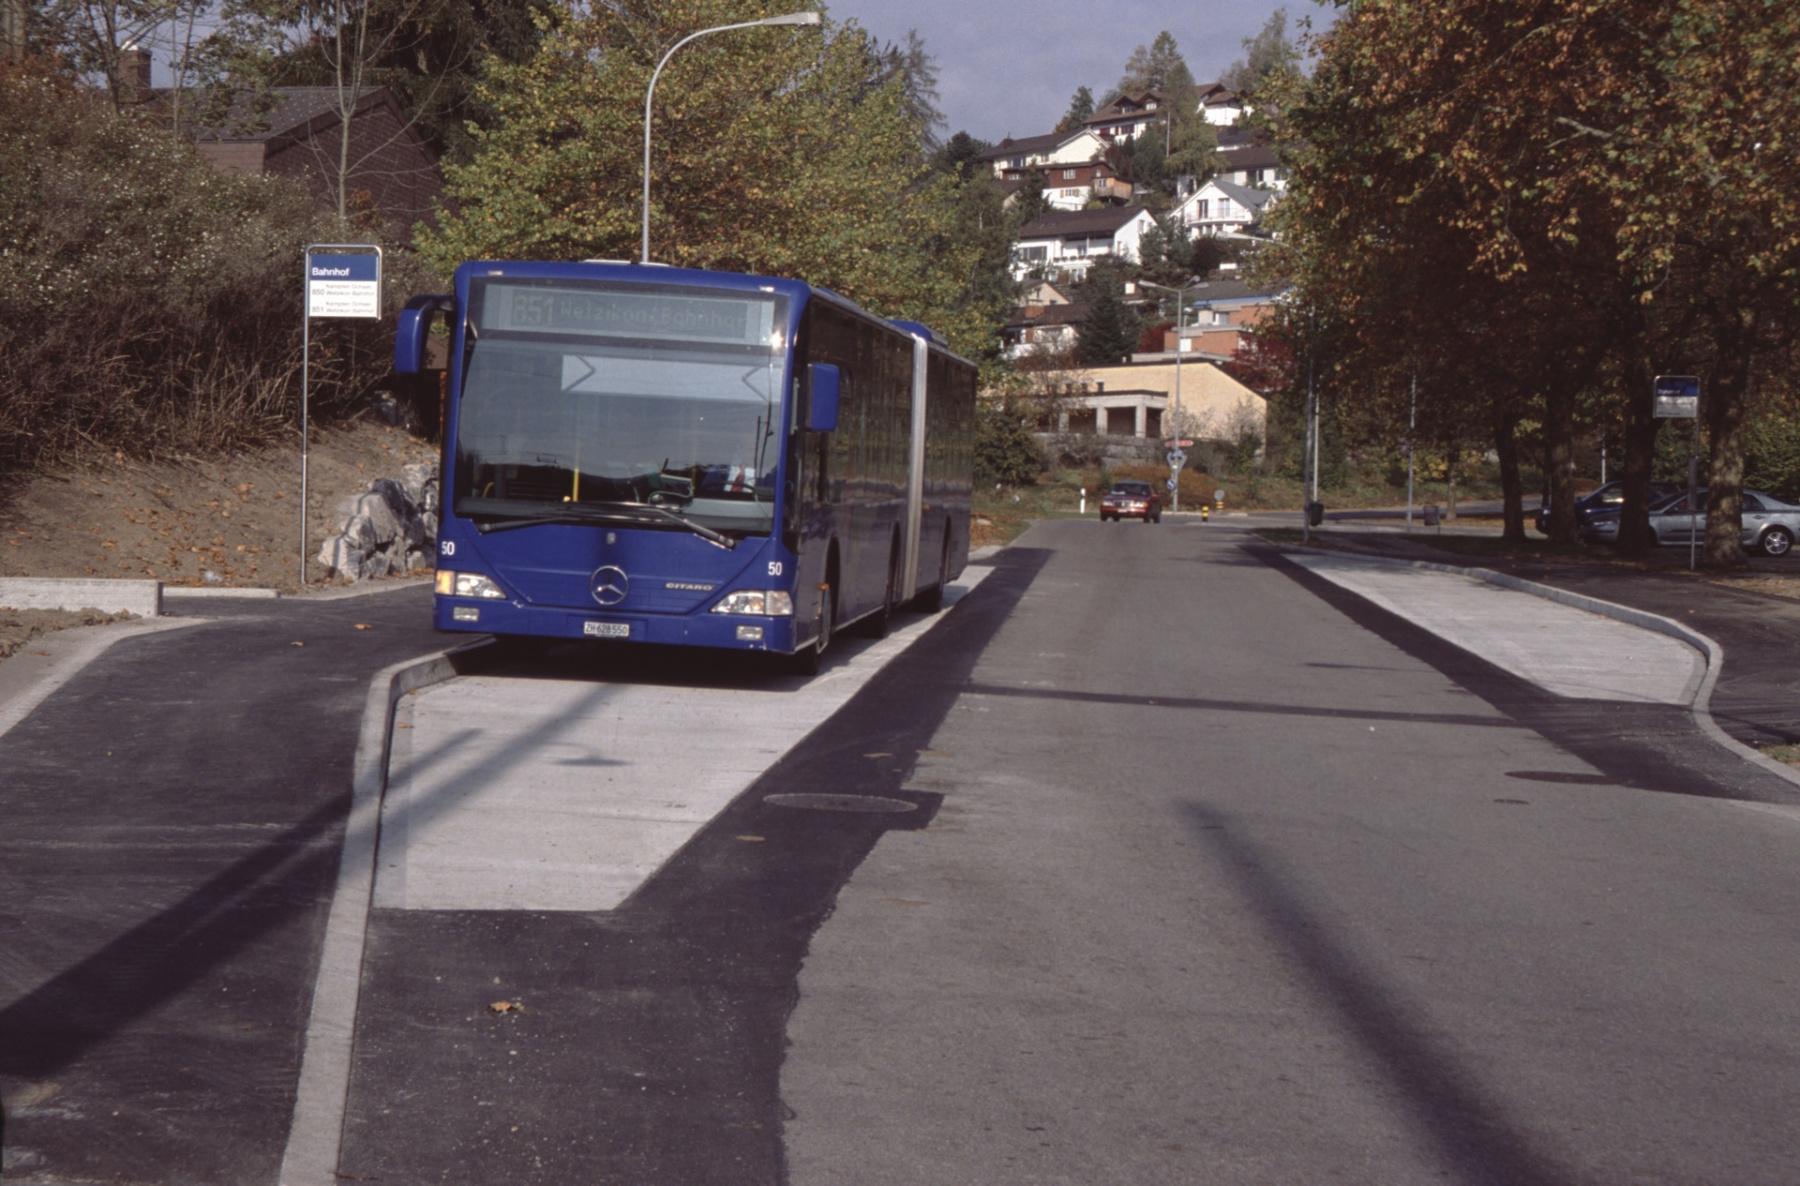 Bushaltestelle mit Bus 851 nach Wetzikon